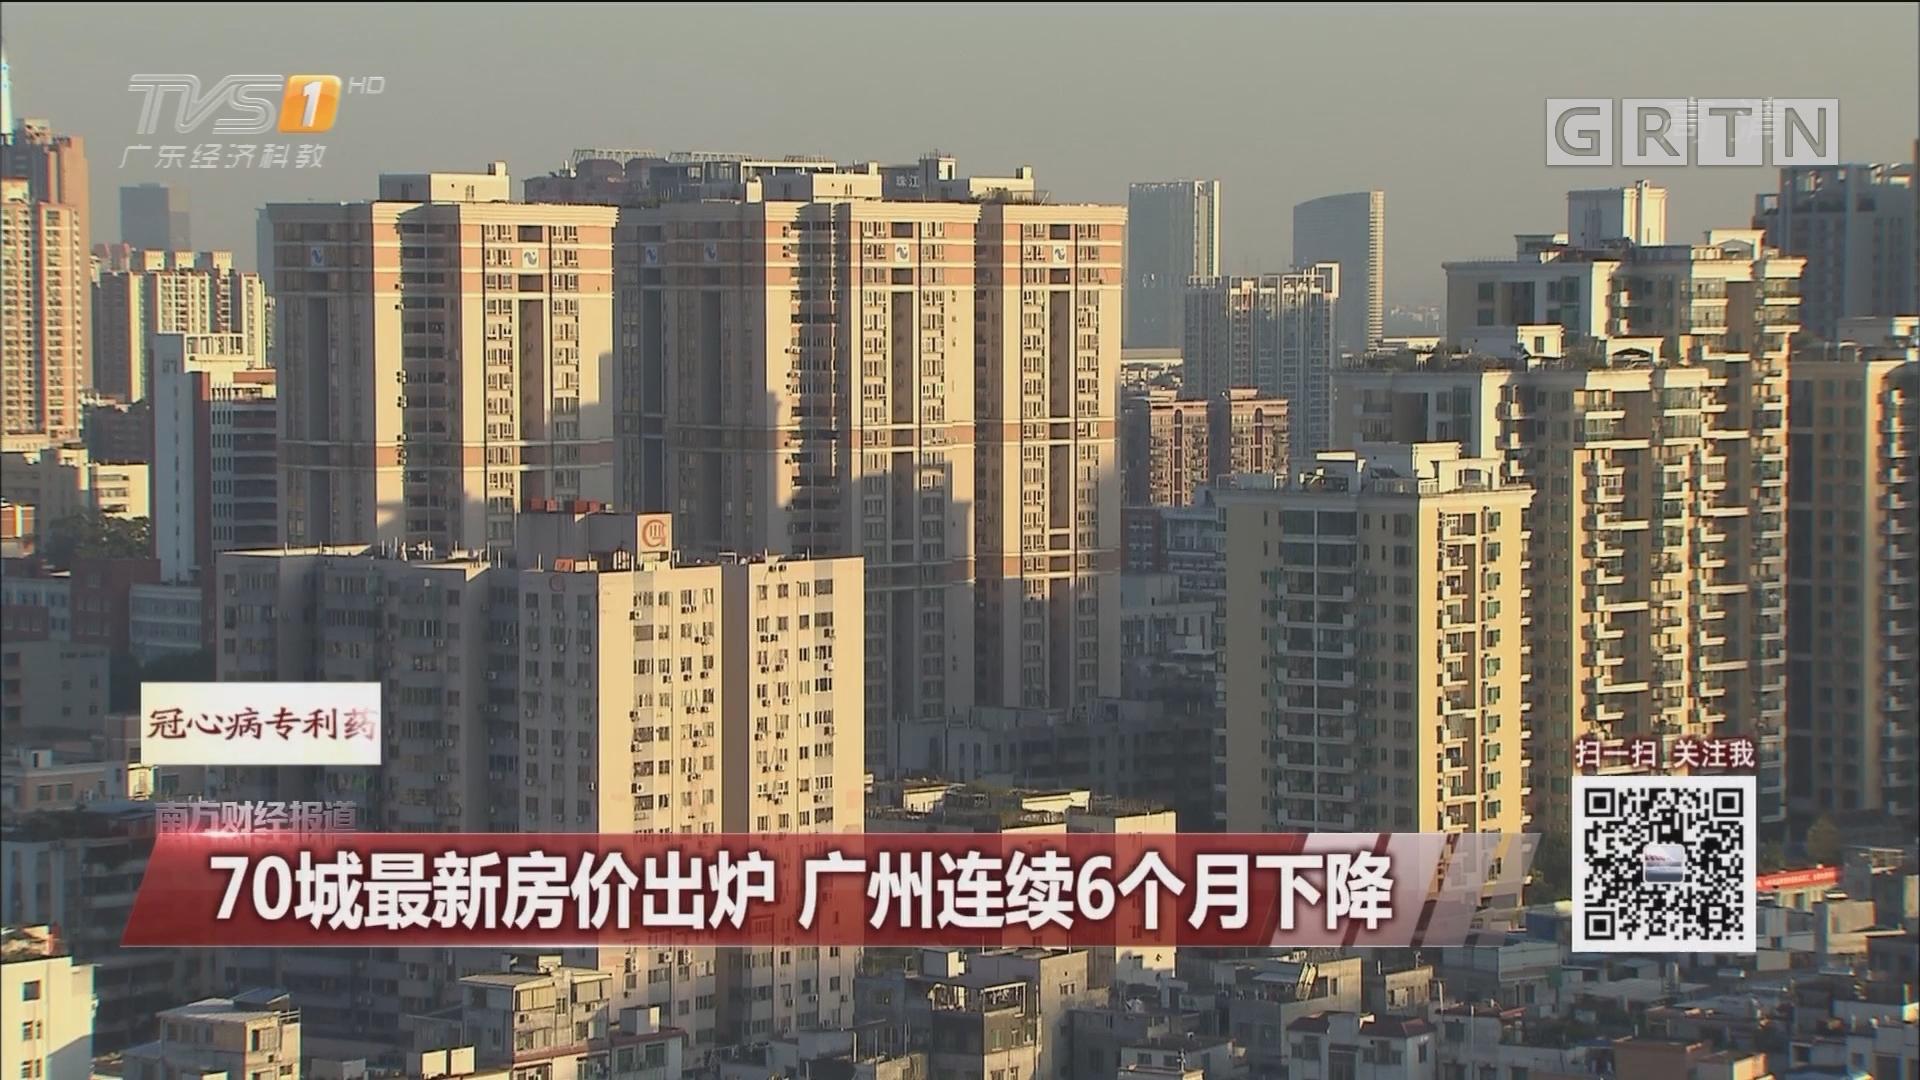 70城最新房价出炉 广州连续6个月下降